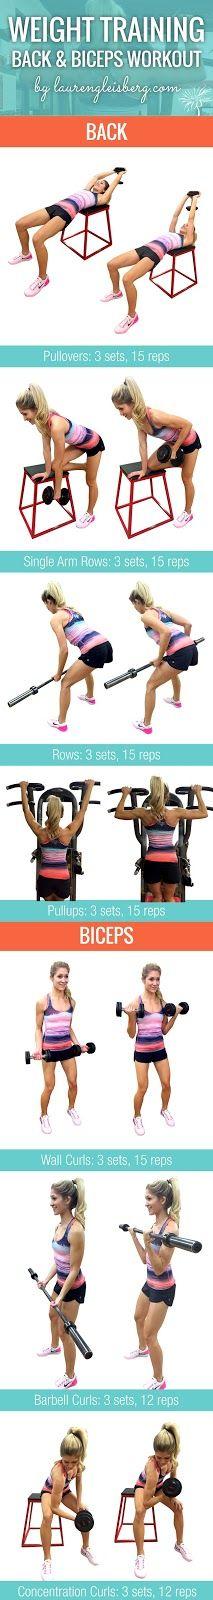 Back & Biceps (ConfidenceKini Challenge) - 4/20